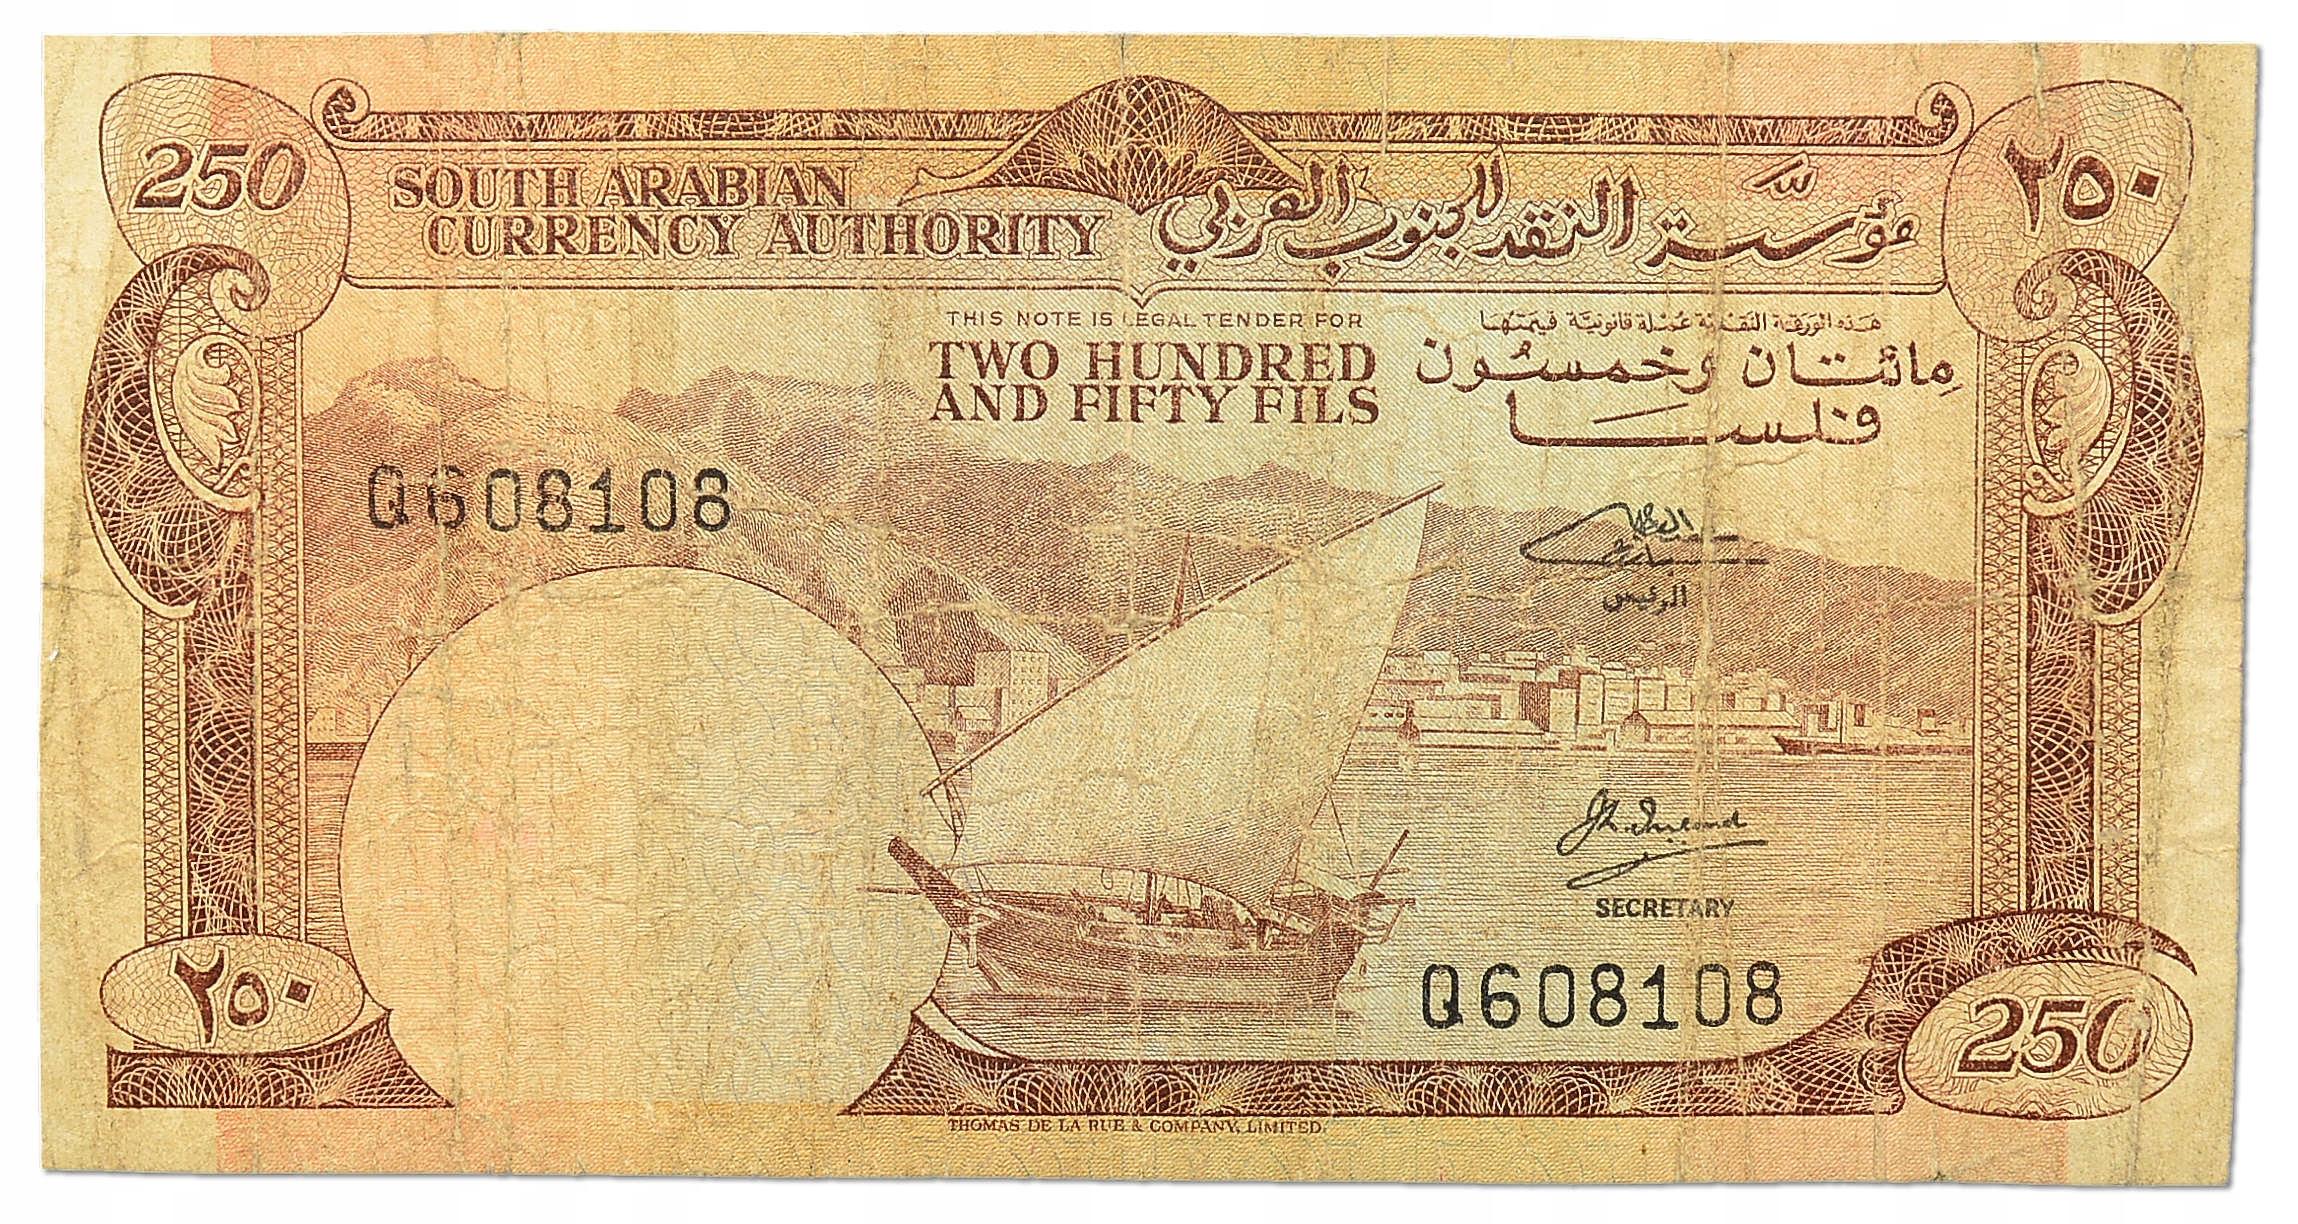 2.di.Arabia Południowa, 250 Fils 1965, P.1.b, St.3